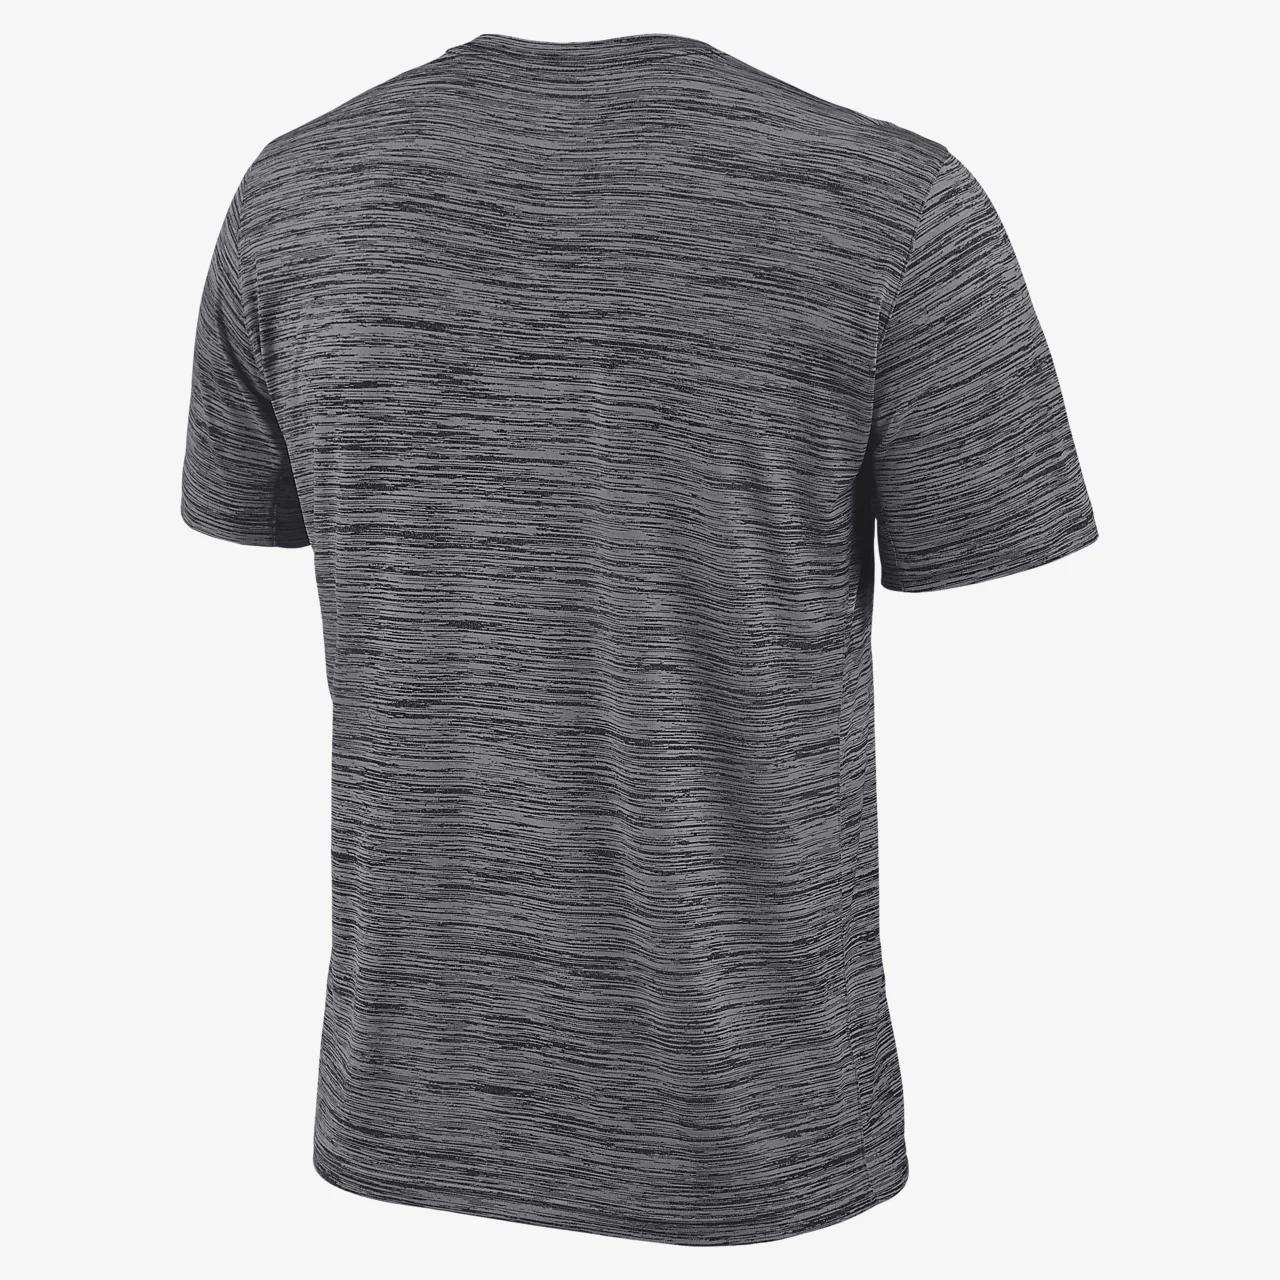 조던 칼리지 드라이핏 벨로시티(오클라호마) 남자 티셔츠 CT7613-021